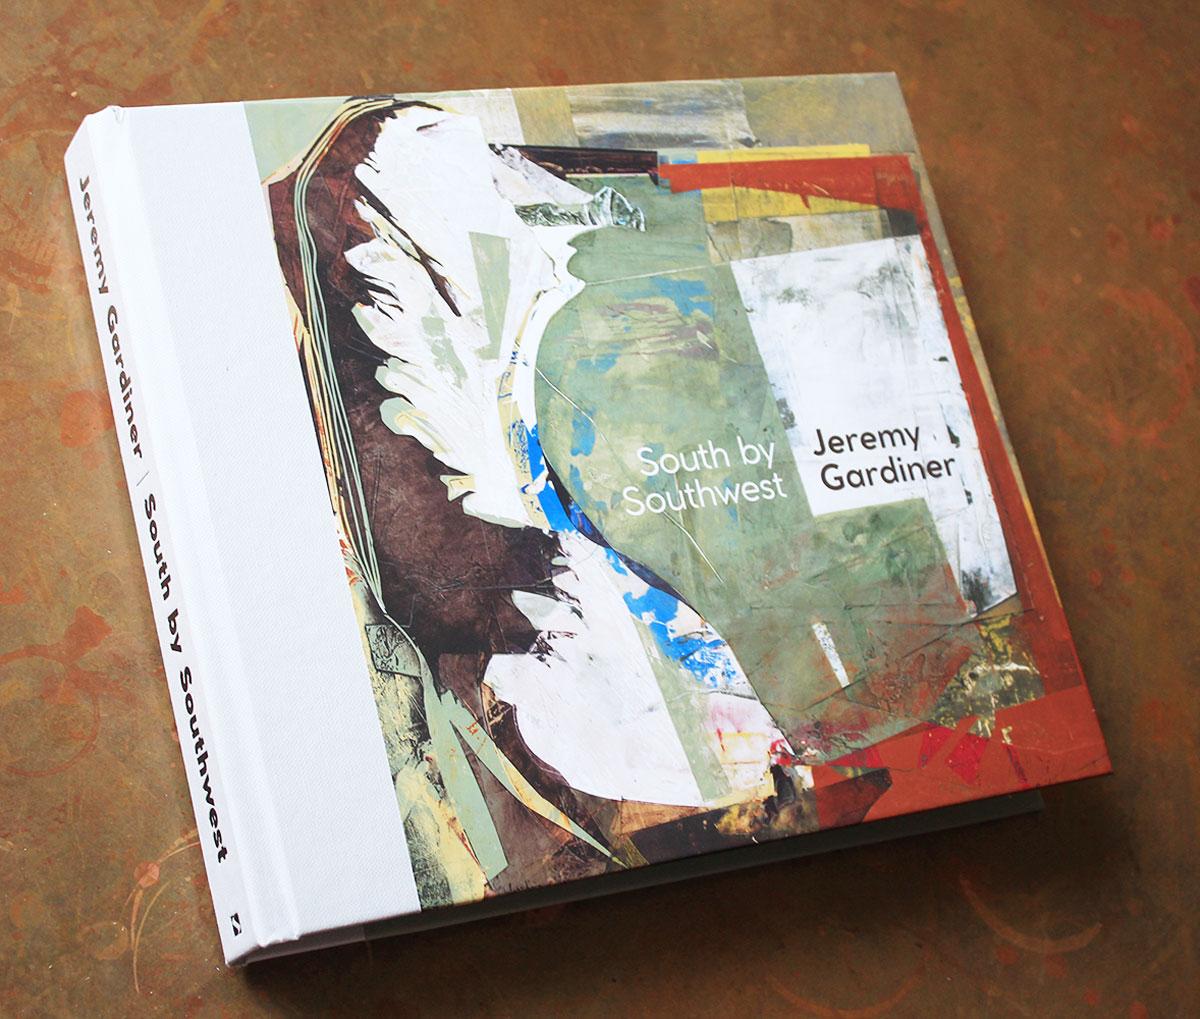 South by Southwest by Jeremy Gardiner